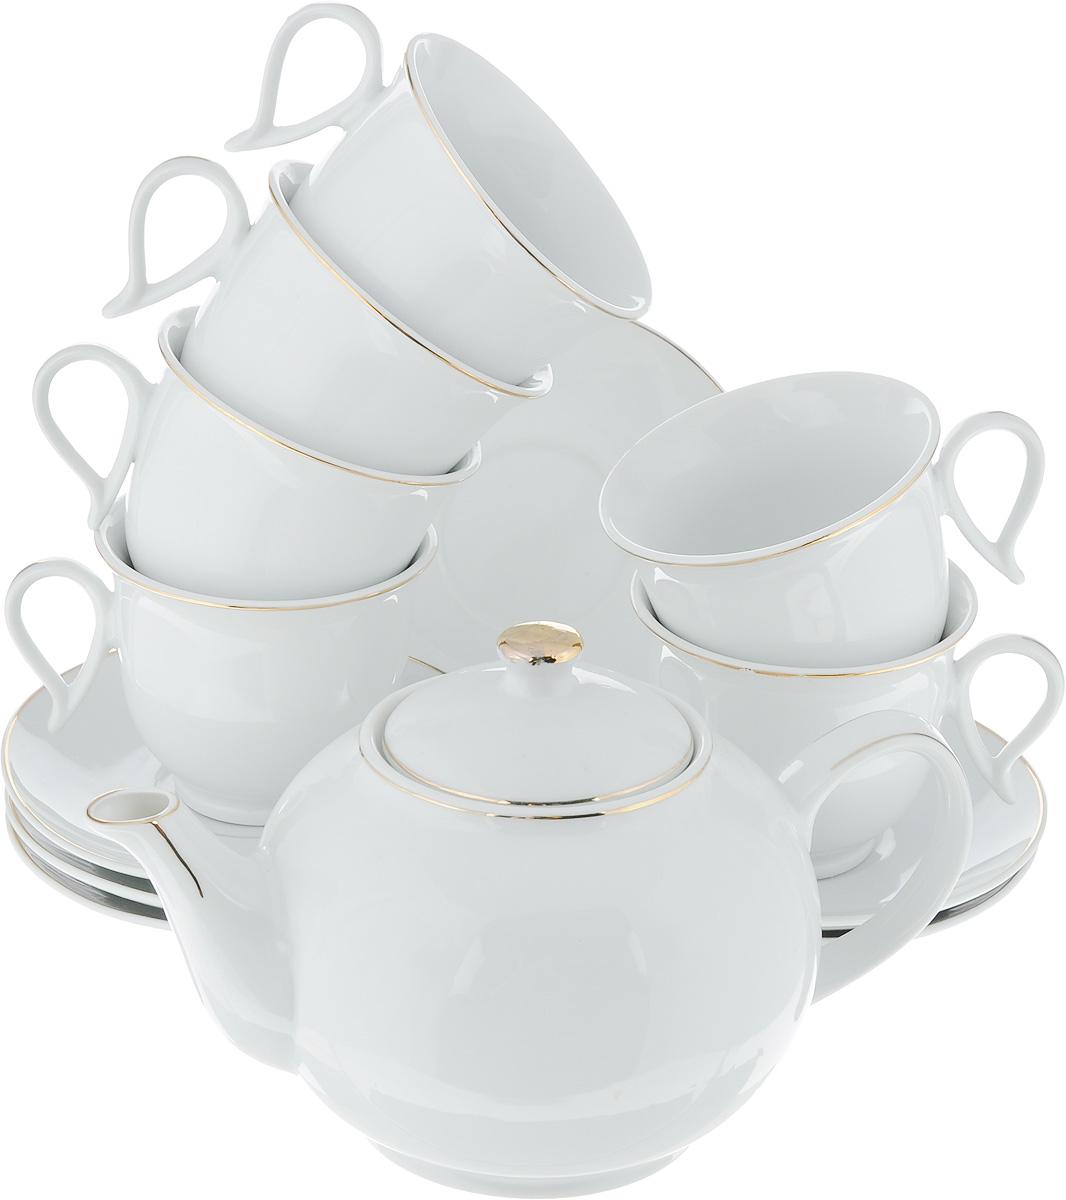 Сервиз чайный Loraine, 13 предметов. 2593525935Чайный сервиз Loraine состоит из 6 чашек, 6 блюдец и заварочного чайника. Изделия выполнены из высококачественного фарфора и оформлены золотой каймой по верхнему краю. Изящный чайный сервиз прекрасно оформит стол к чаепитию и порадует вас элегантным дизайном и качеством исполнения. Объем чайника: 1 л. Высота чайника (без учета крышки): 9,5 см. Диаметр чайника (по верхнему краю): 6 см. Объем чашки: 220 мл. Диаметр чашки (по верхнему краю): 9 см. Высота чашки: 7,5 см. Диаметр блюдца: 13,5 см. Высота блюдца: 1,5 см.